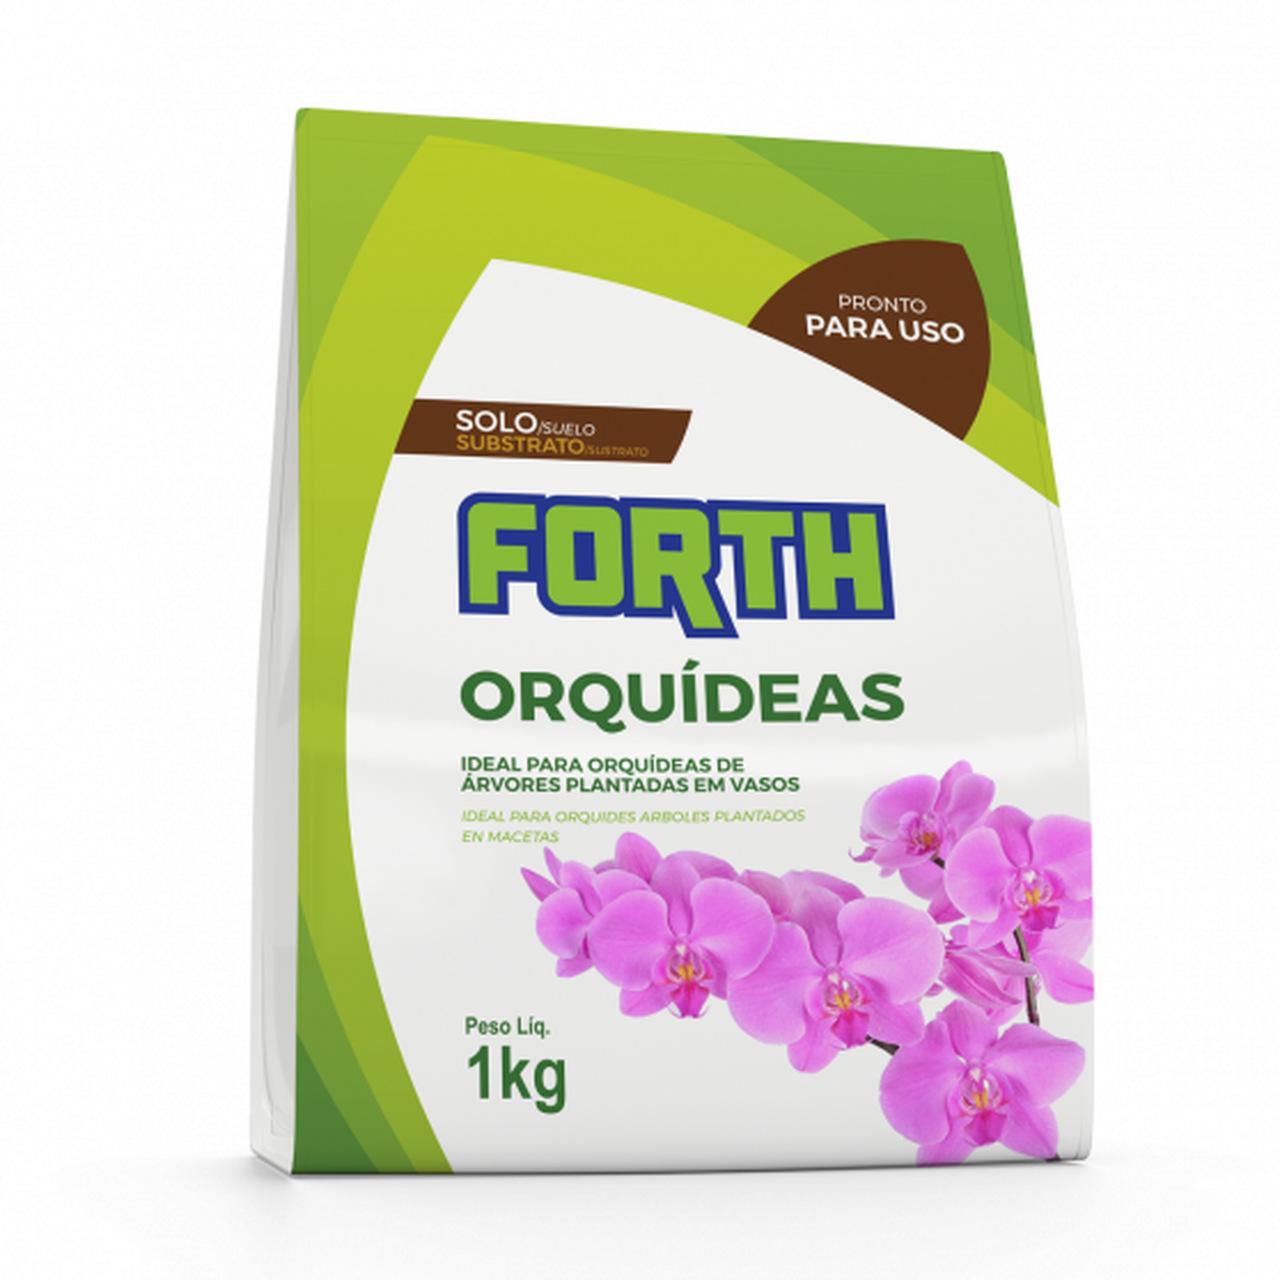 Substrato para Orquídeas Forth 1kg - Fibra de coco, casca de pinus e carvão vegetal